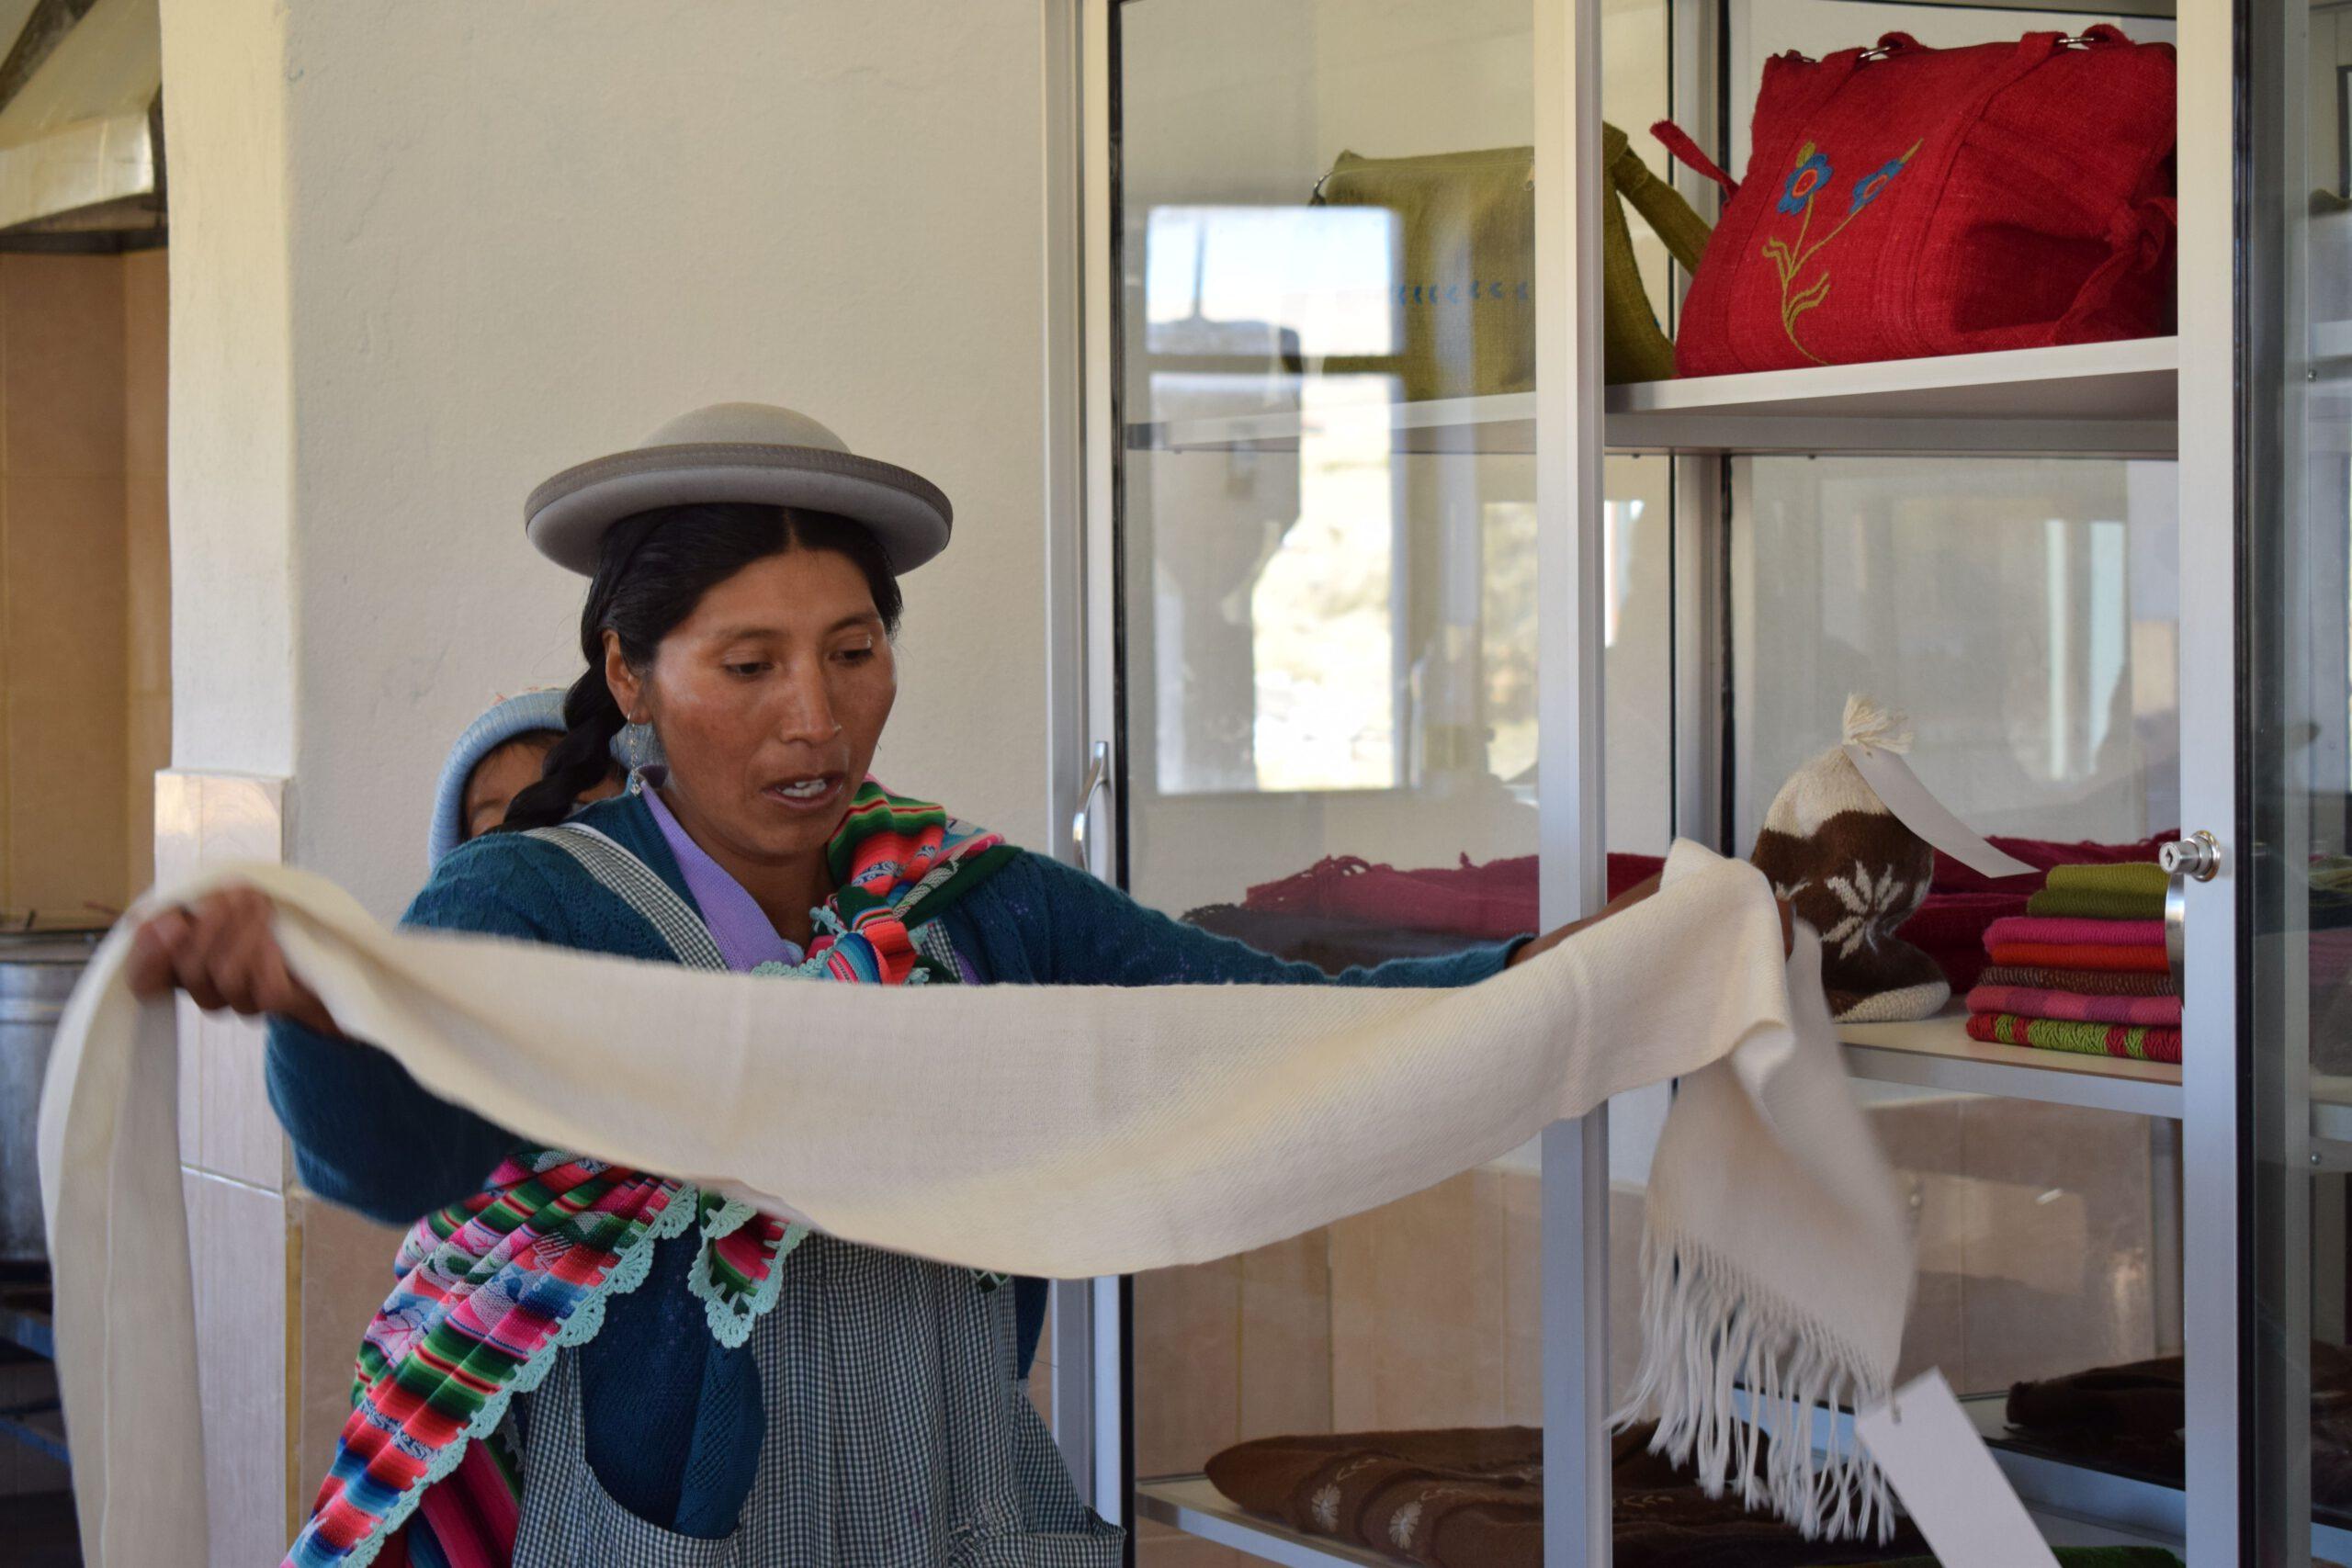 GNO0474_Schafe_Plan International_Bild stammt aus einem ähnlichen Plan-Projekt in Bolivien_Bild2